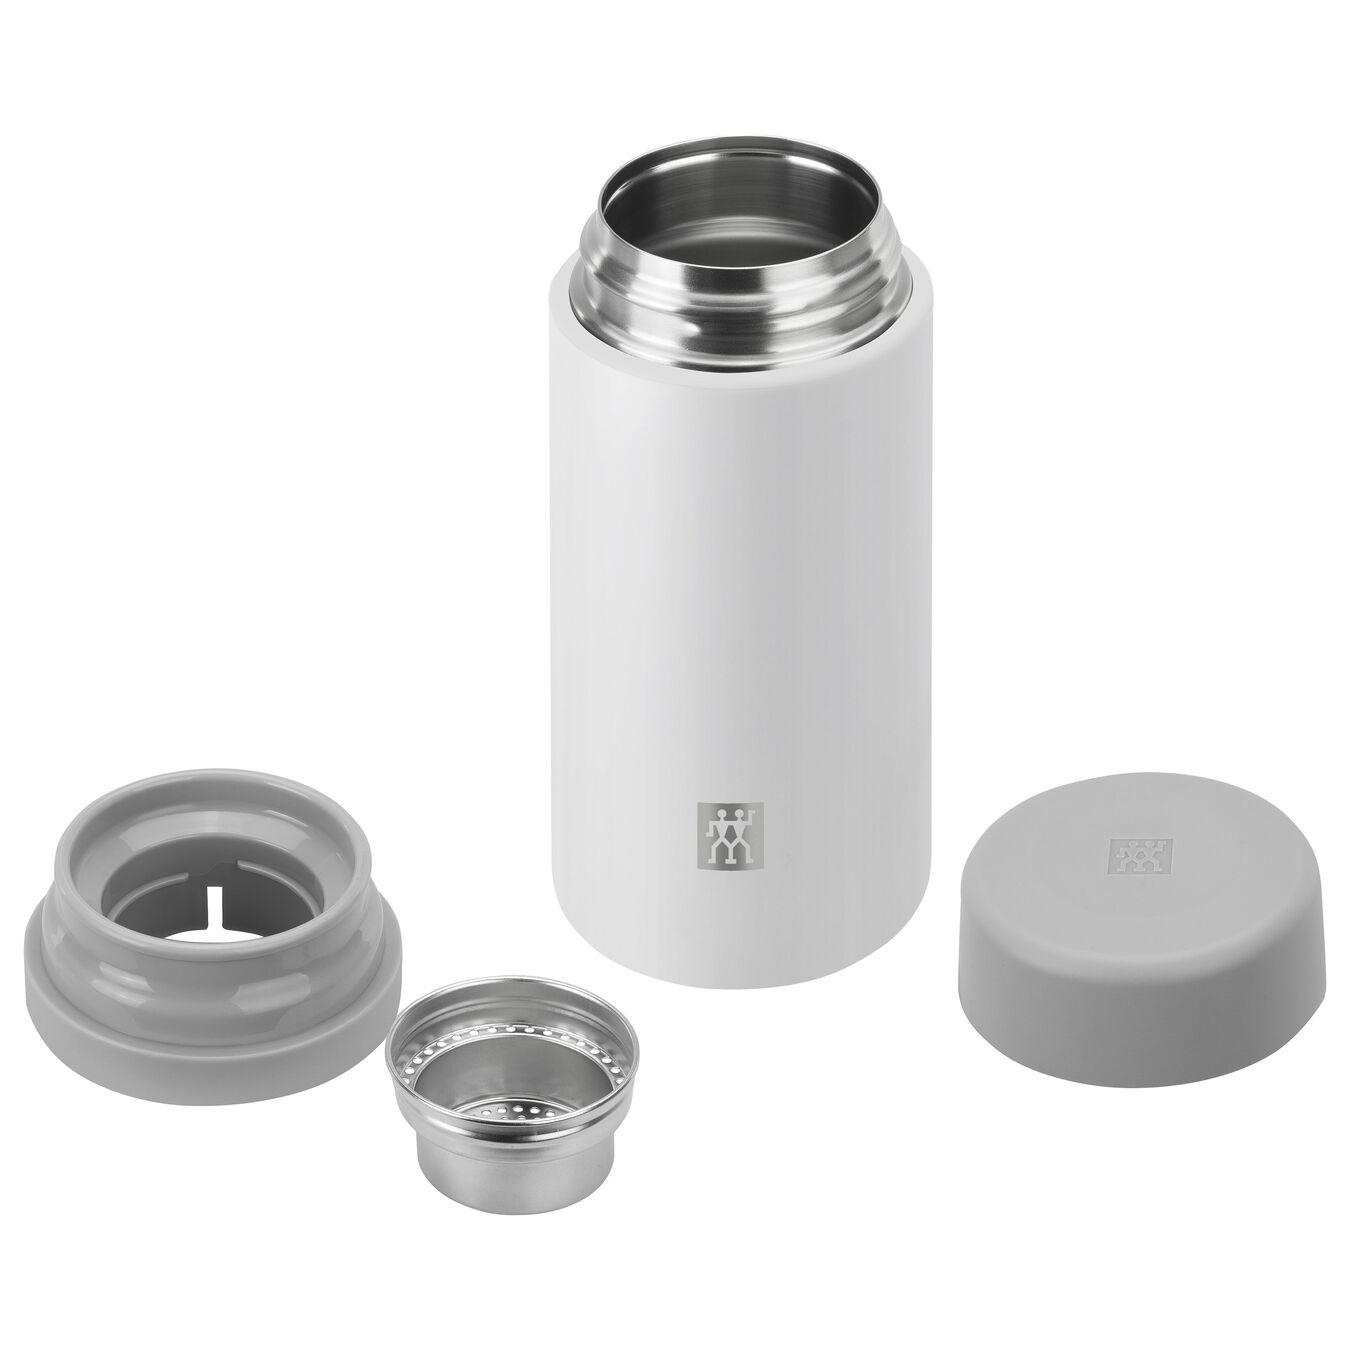 Thermos - 420 ml, acciaio inox, bianco,,large 3